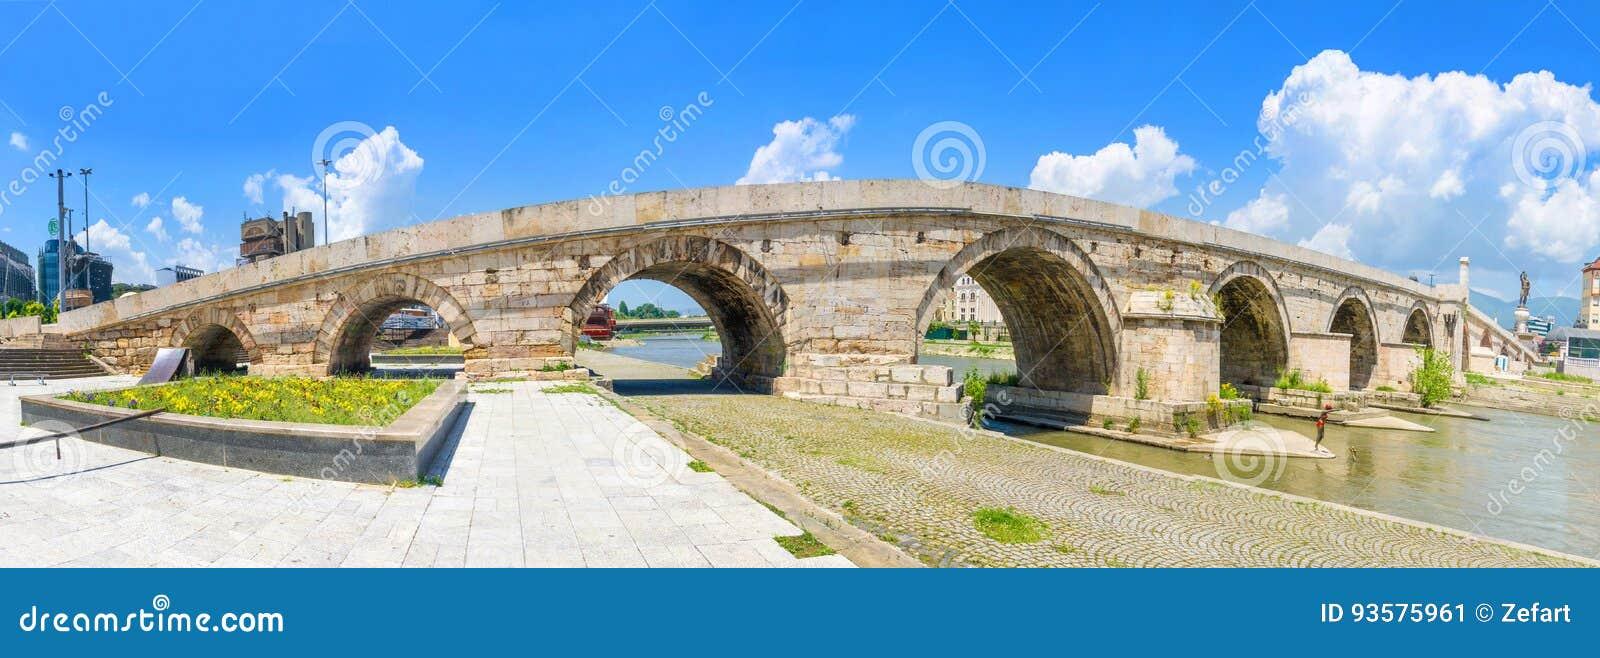 一座著名石桥梁全景在斯科普里